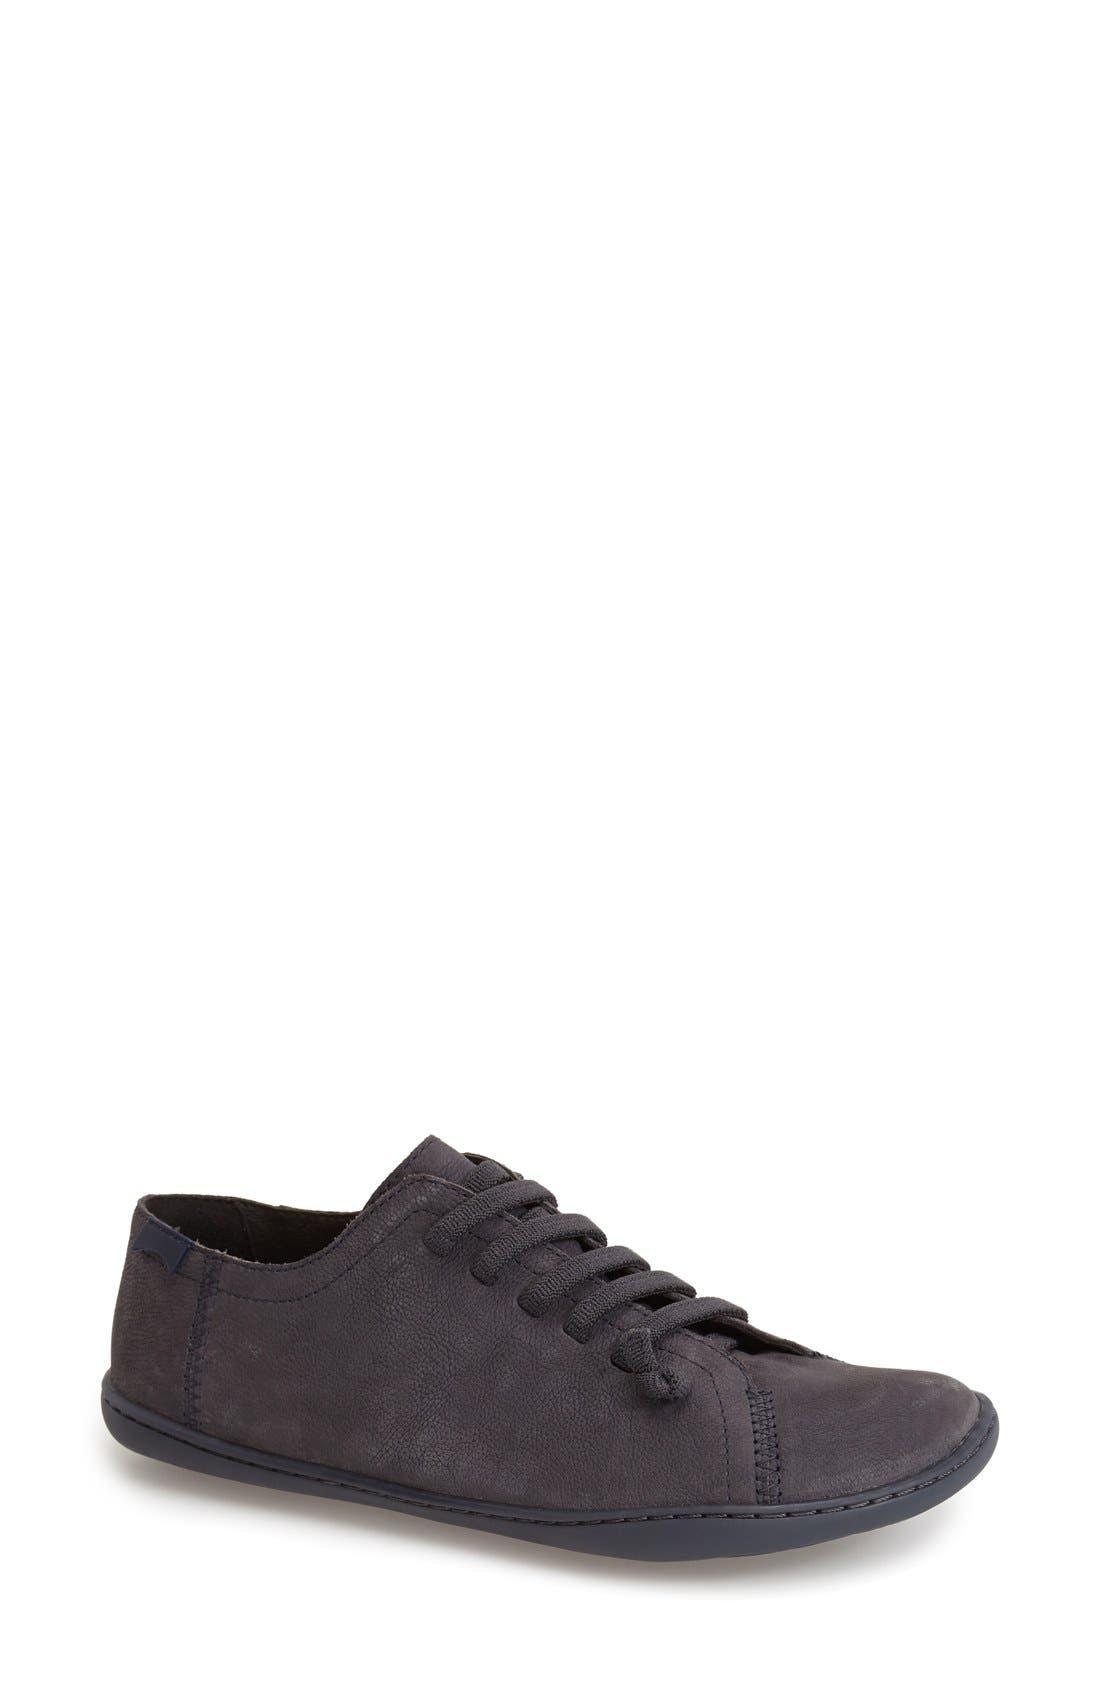 'Peu Cami' Sneaker,                             Main thumbnail 1, color,                             020